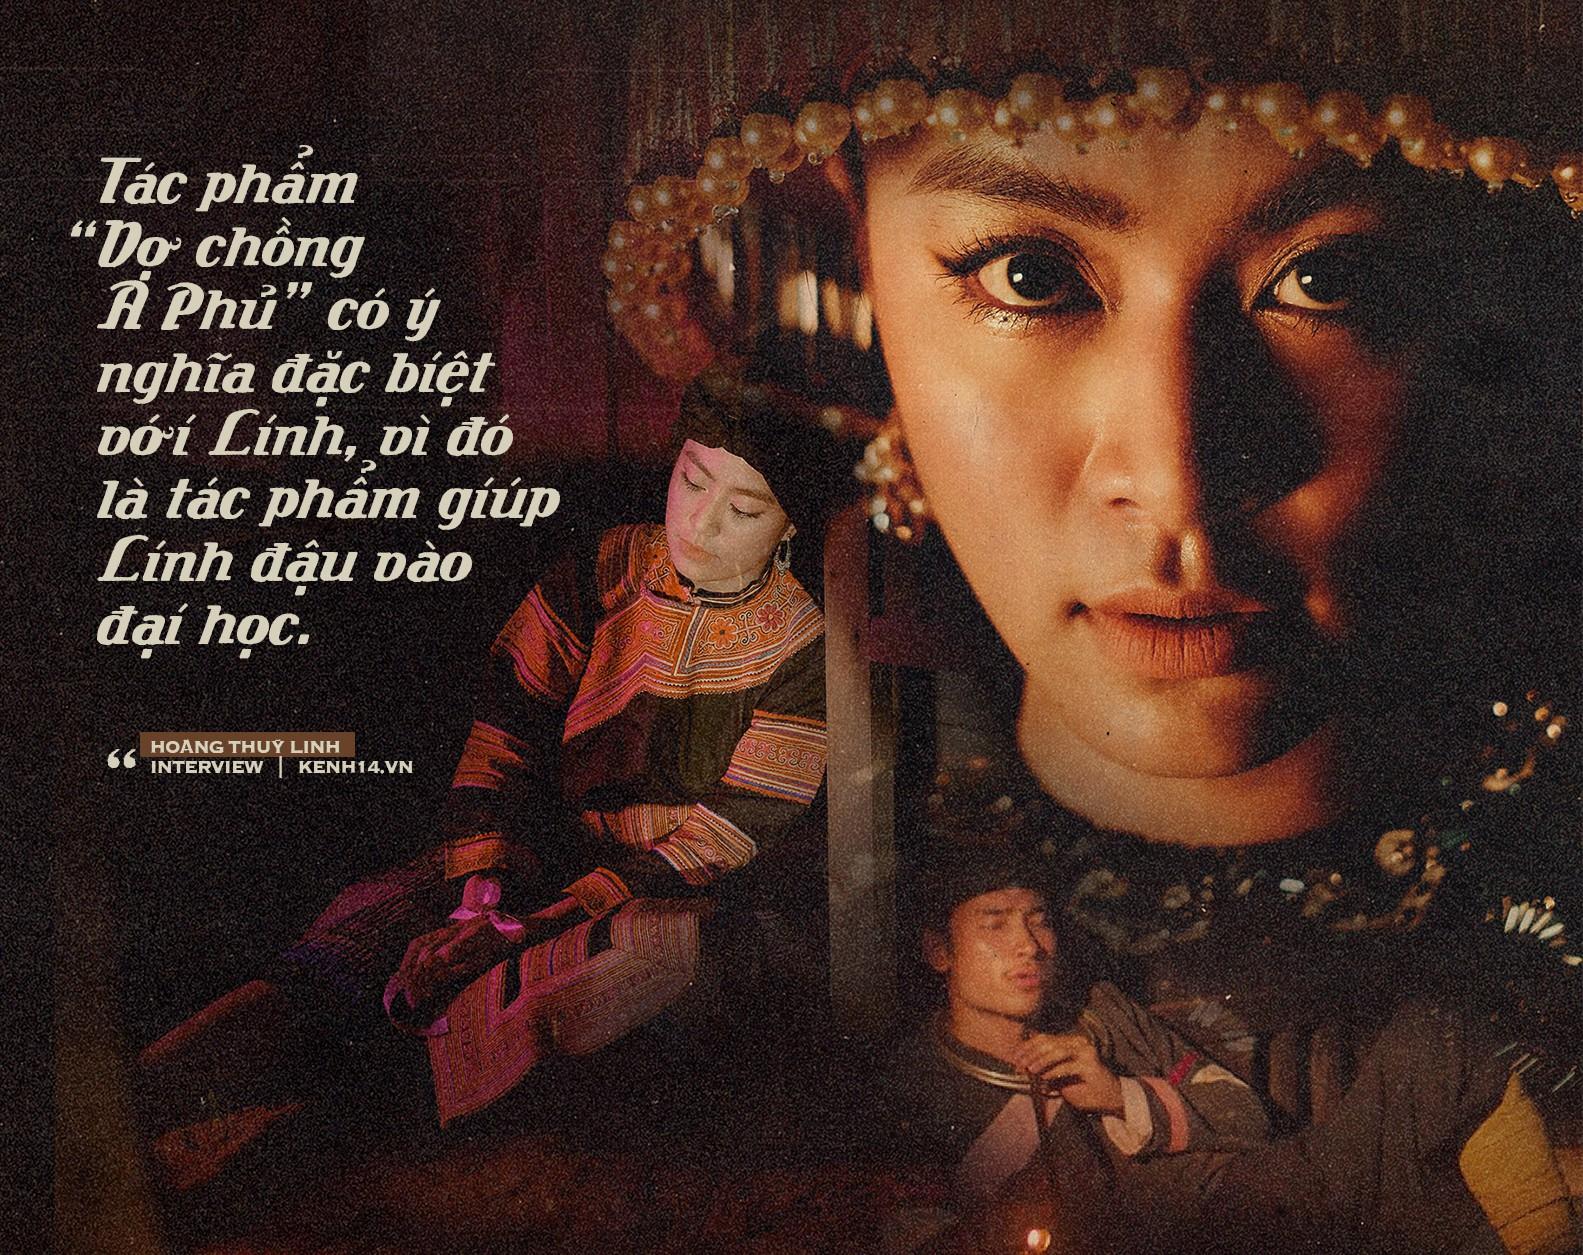 """""""Vợ chồng A Phủ"""" có ý nghĩa đặc biệt với Hoàng Thuỳ Linh, vì đó là tác phẩm giúp Linh đậu đại học - Ảnh 3."""